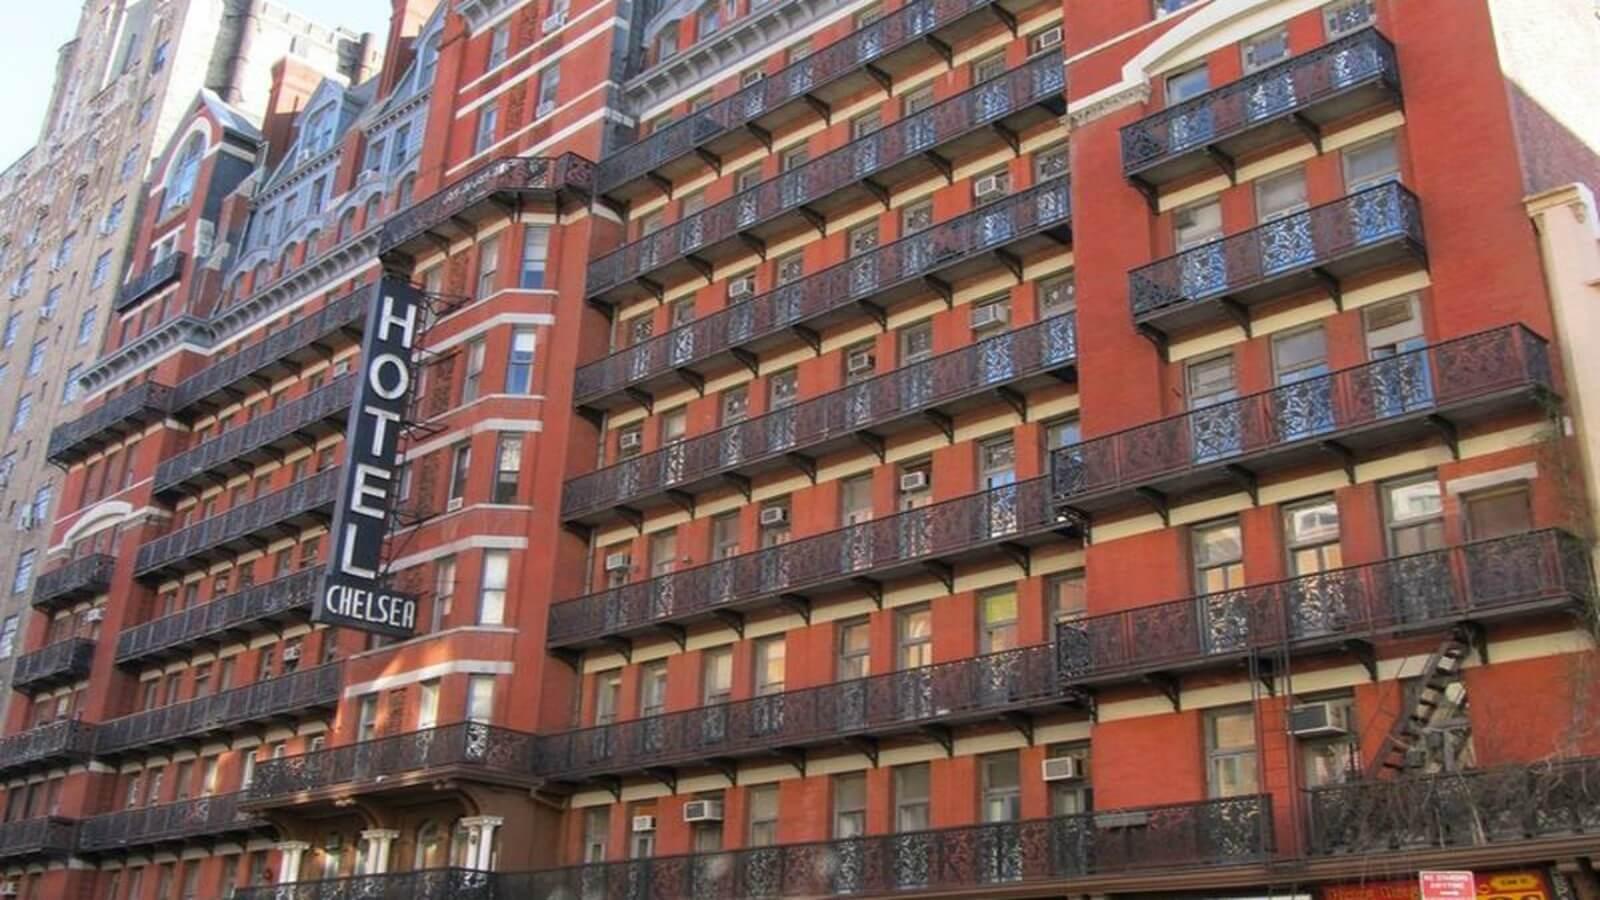 Ahora puedes comprar la puerta de Bob Marley o Andy Warhol del legendario Chelsea Hotel